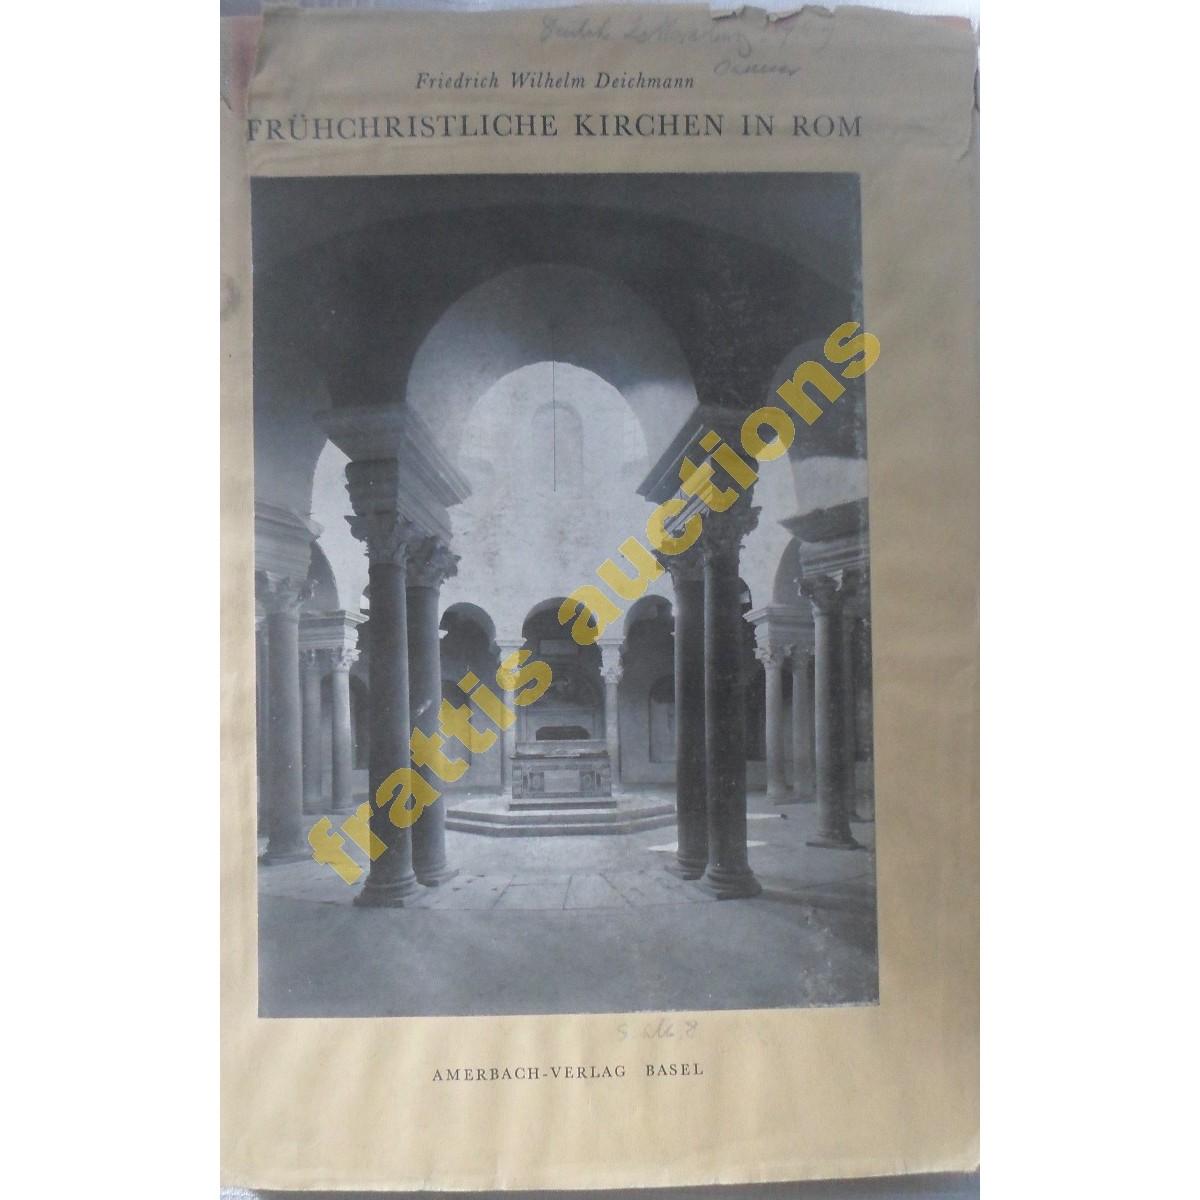 Fr?hchristliche Kirchen In Rom1, Friendrich Wilhelm Deichmann, 1948 .1η εκδοση